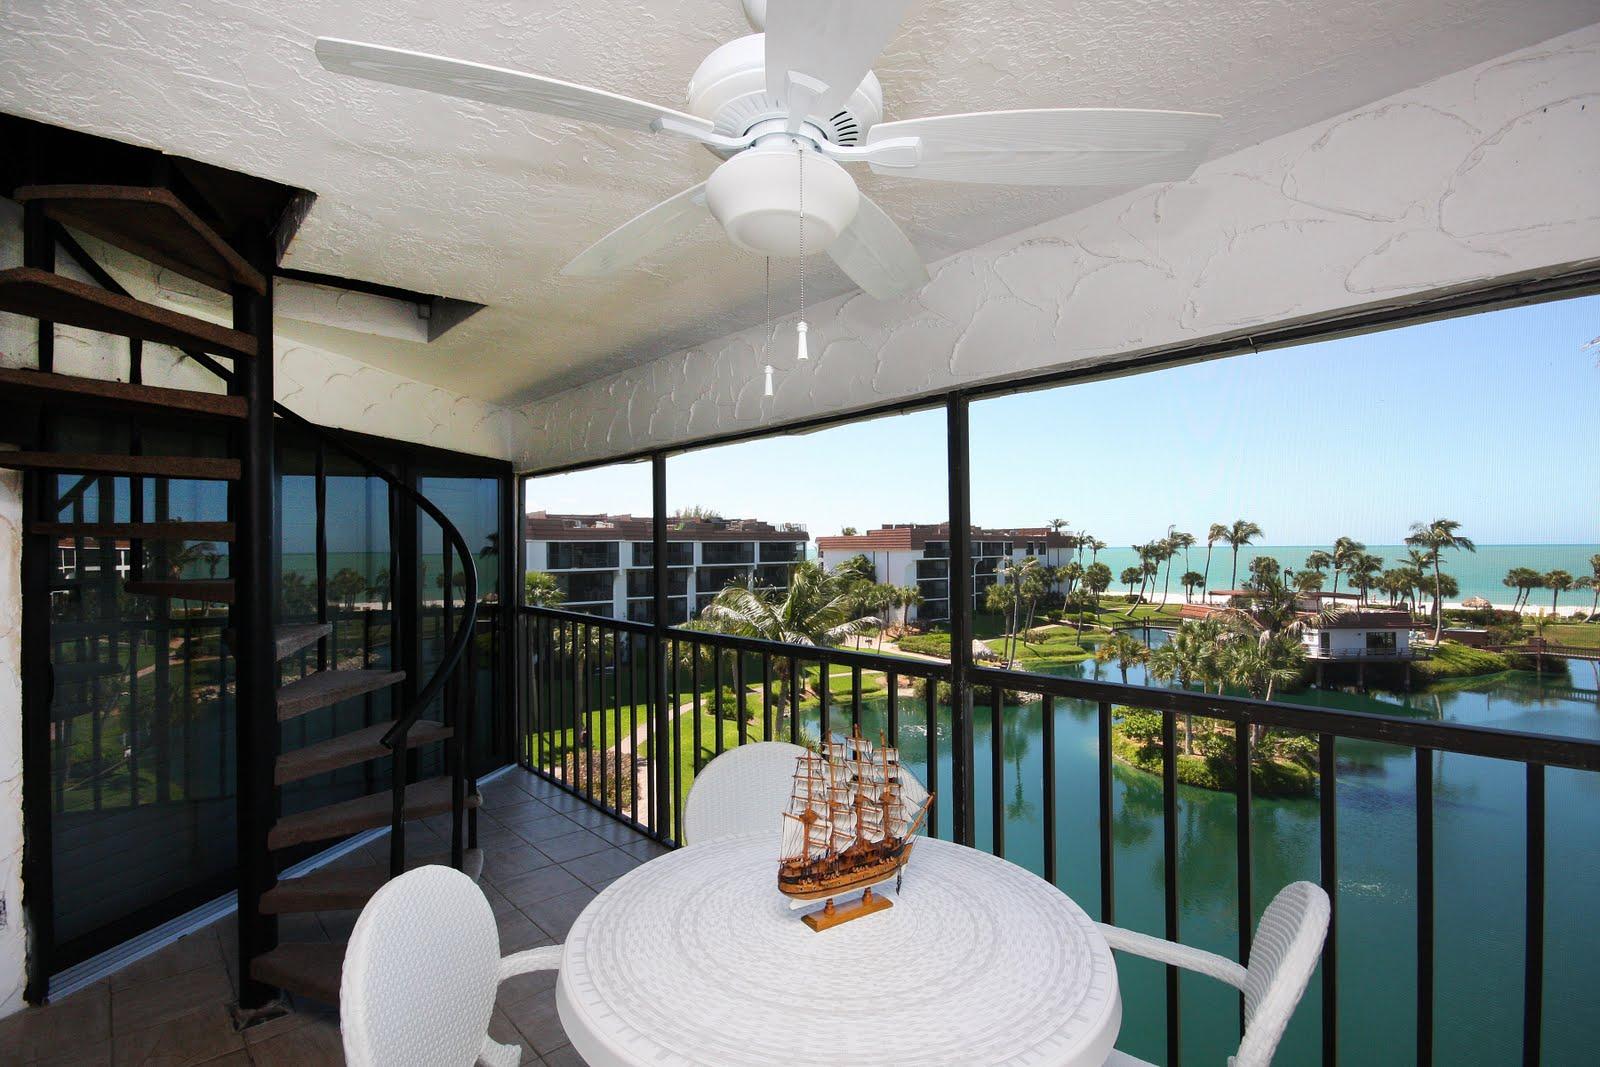 Sanibel And Captiva Islands Blog Vip Vacation Rental Pointe Santo C45 3 Bedroom Condo On